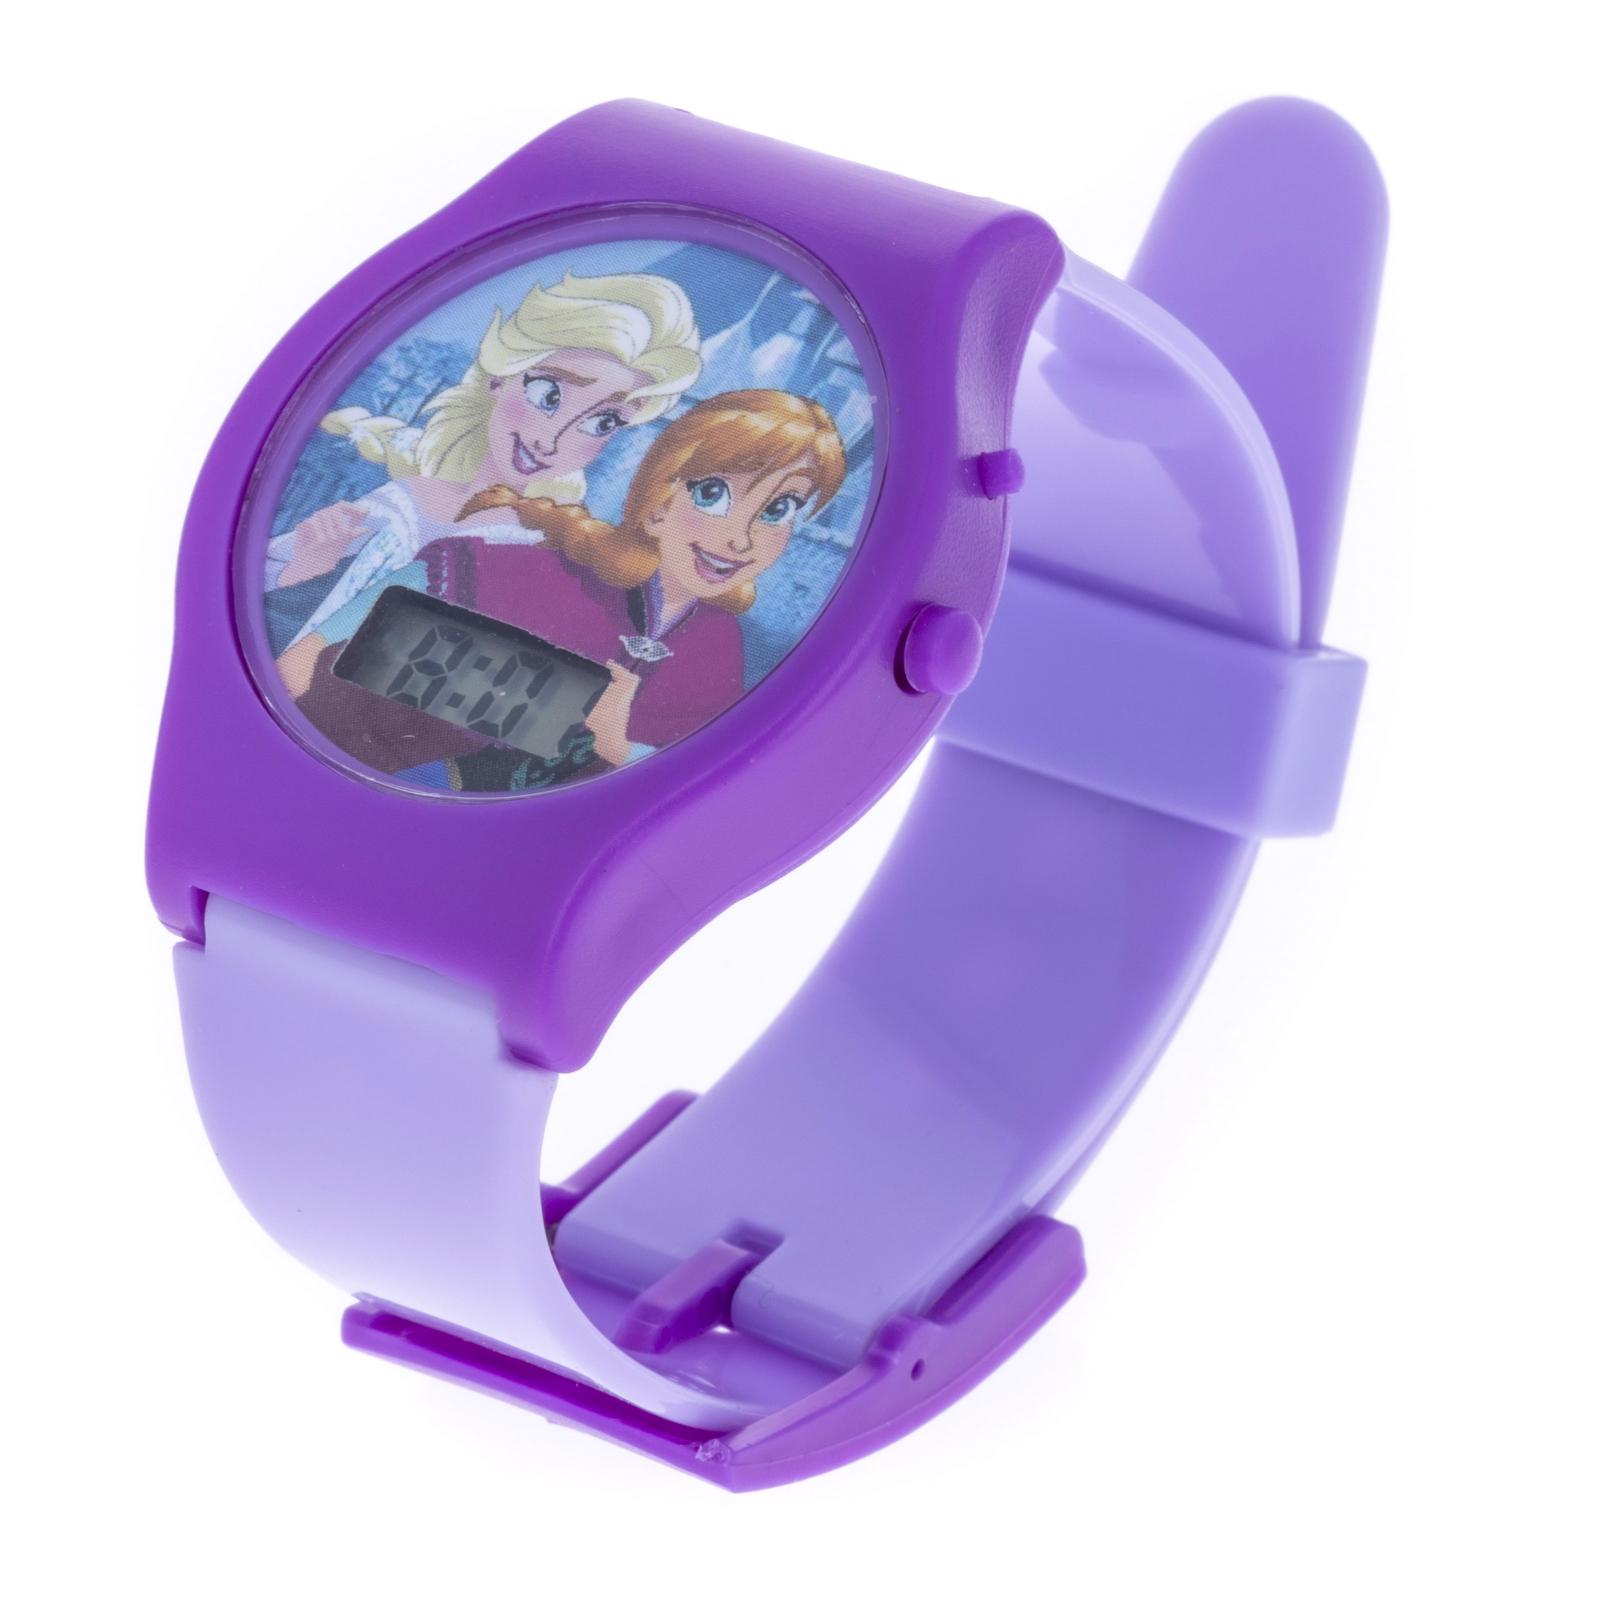 Disney Frozen Digital Watch Elsa and Anna Design - Purple